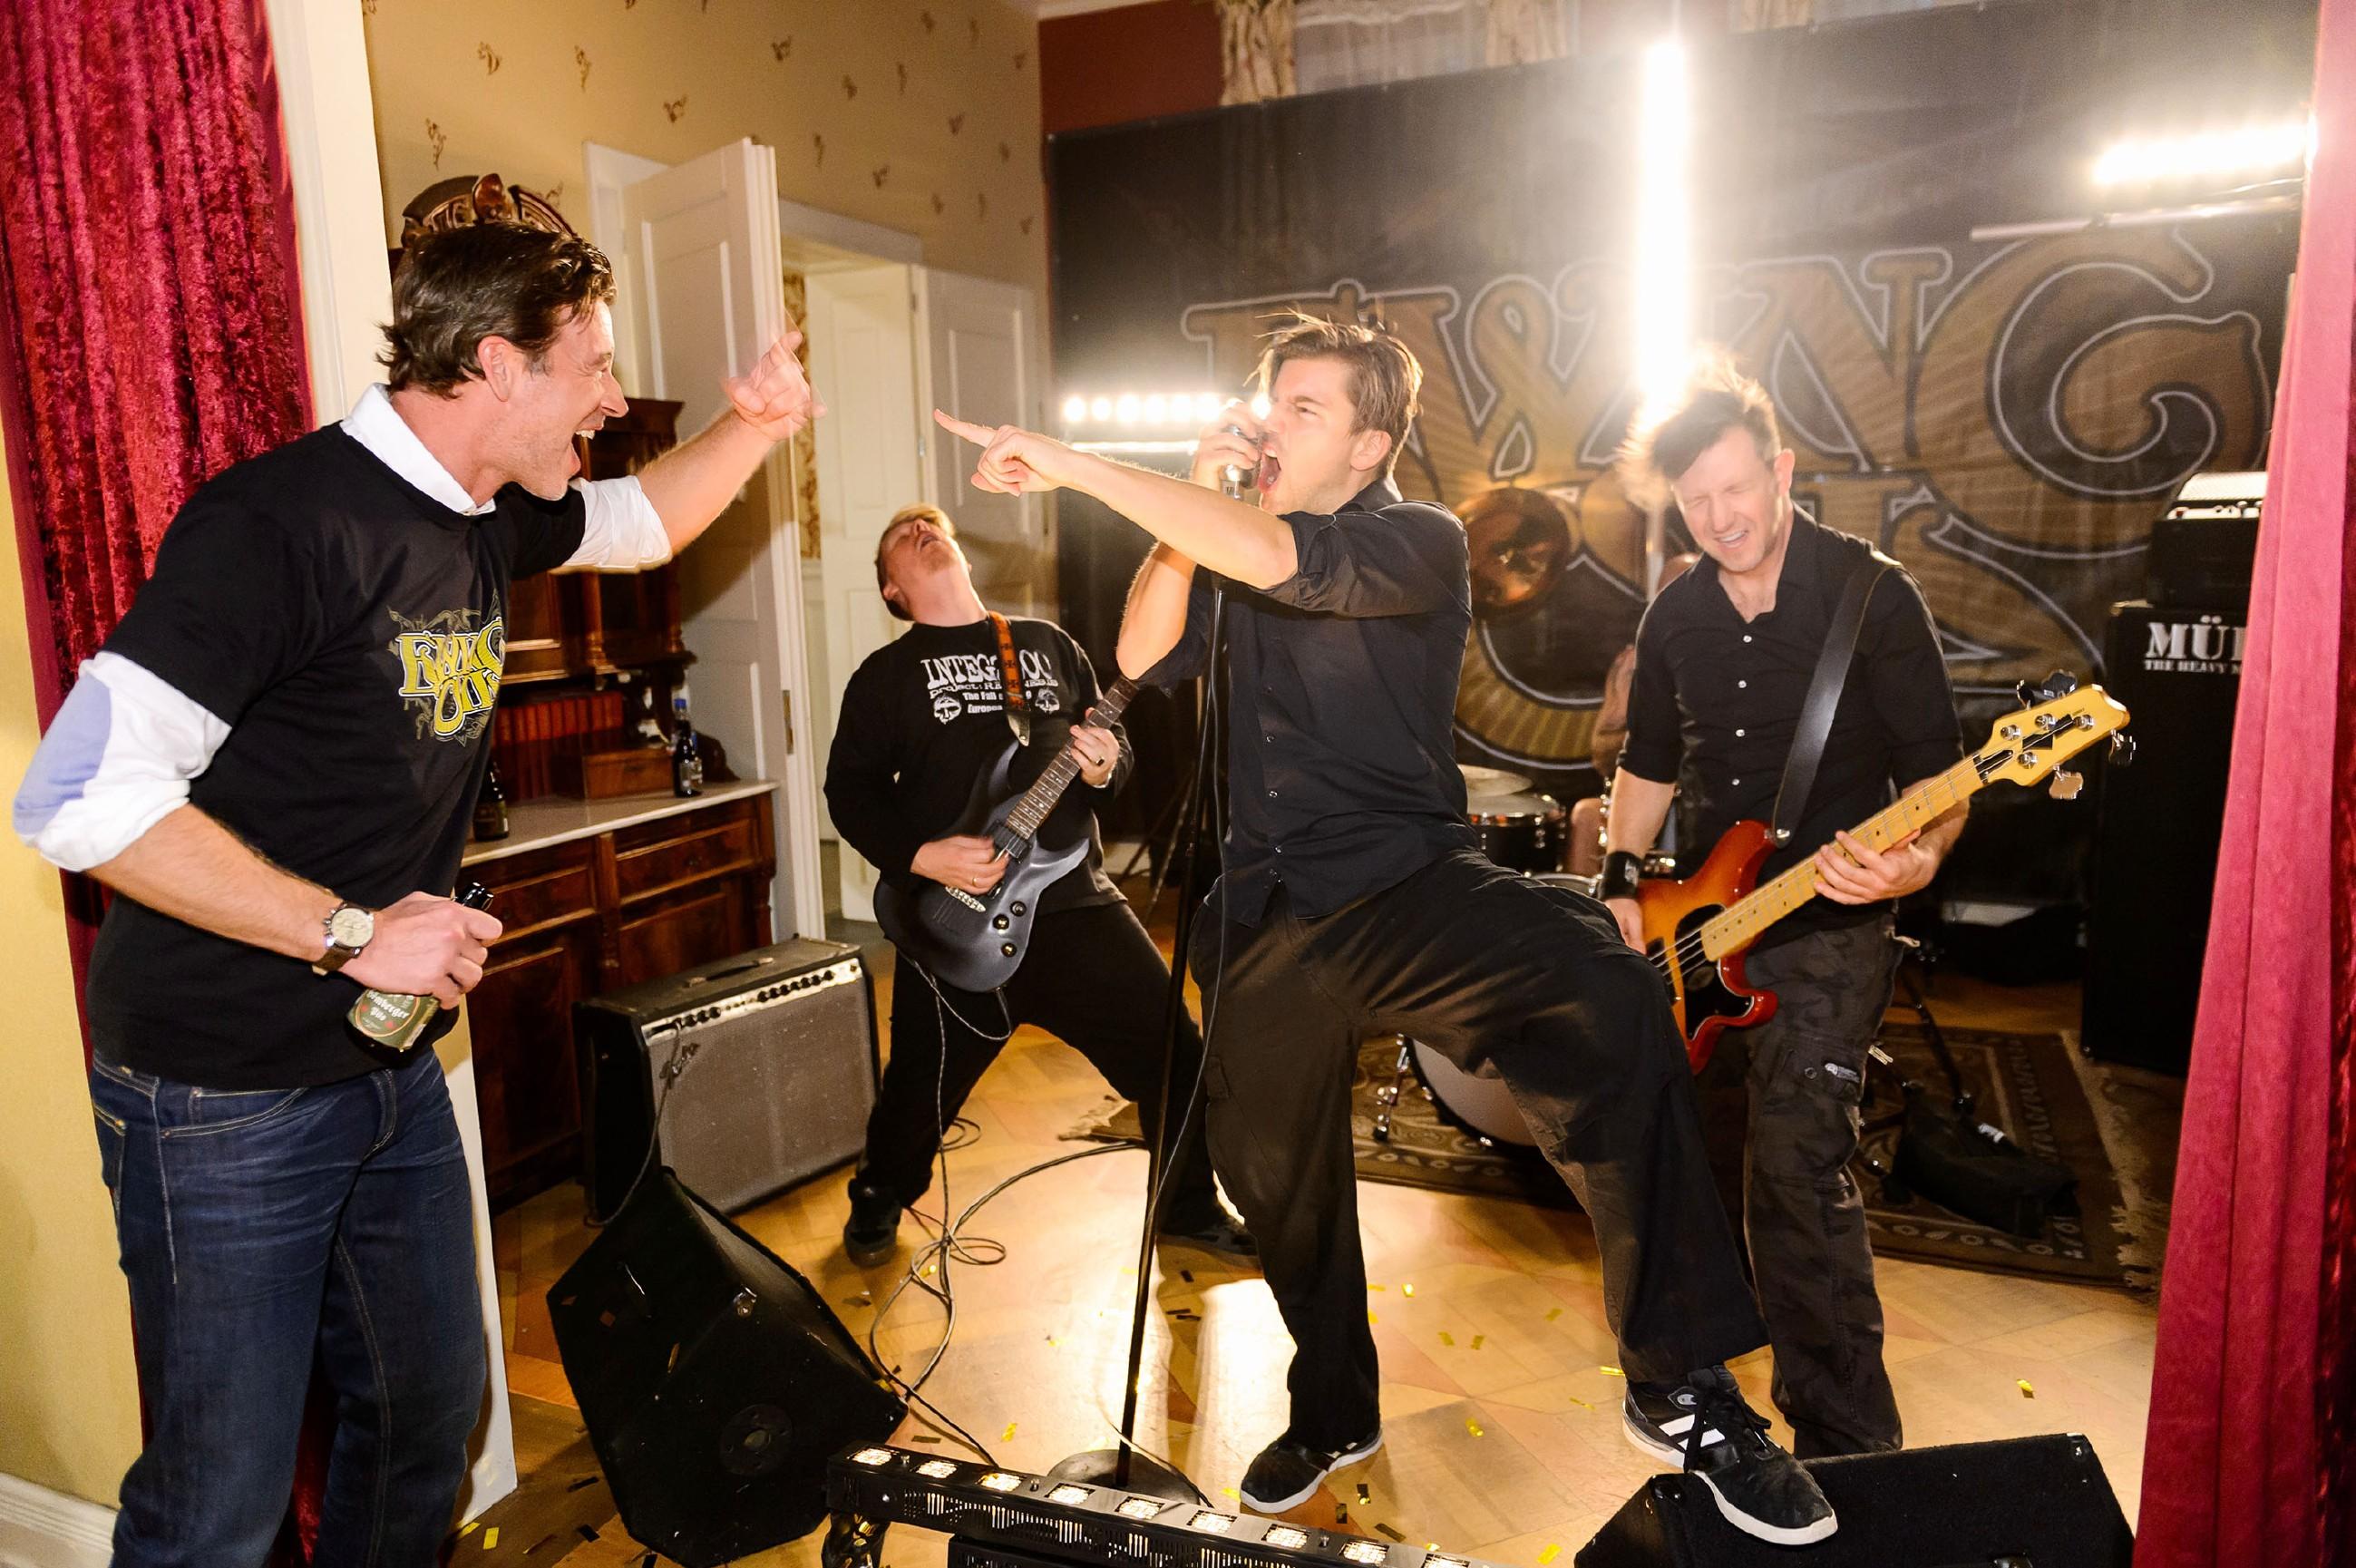 """Christoph (Lars Korten) feiert ausgelassen seinen Geburtstag und rockt gemeinsam mit der Heavy-Metal-Band """"Ewing Oil"""" (Komparsen), deren Auftritt Vanessa für ihn organisiert hat. (Quelle: RTL / Willi Weber)"""